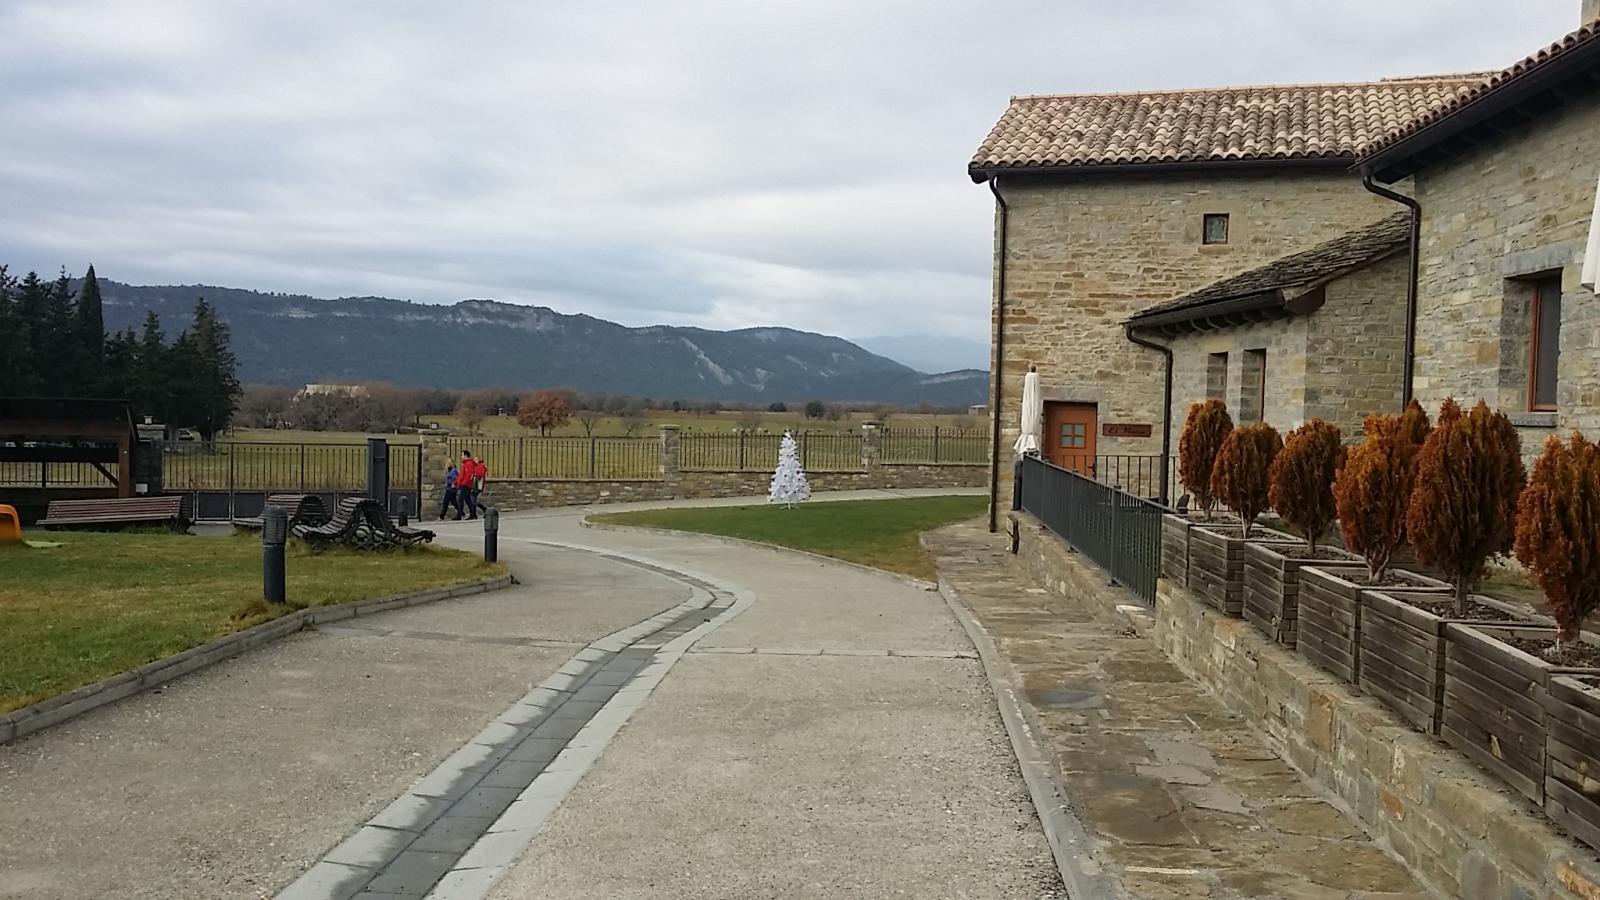 Opiniones sobre casas rurales pirineo huesca - Casas del pirineo ...